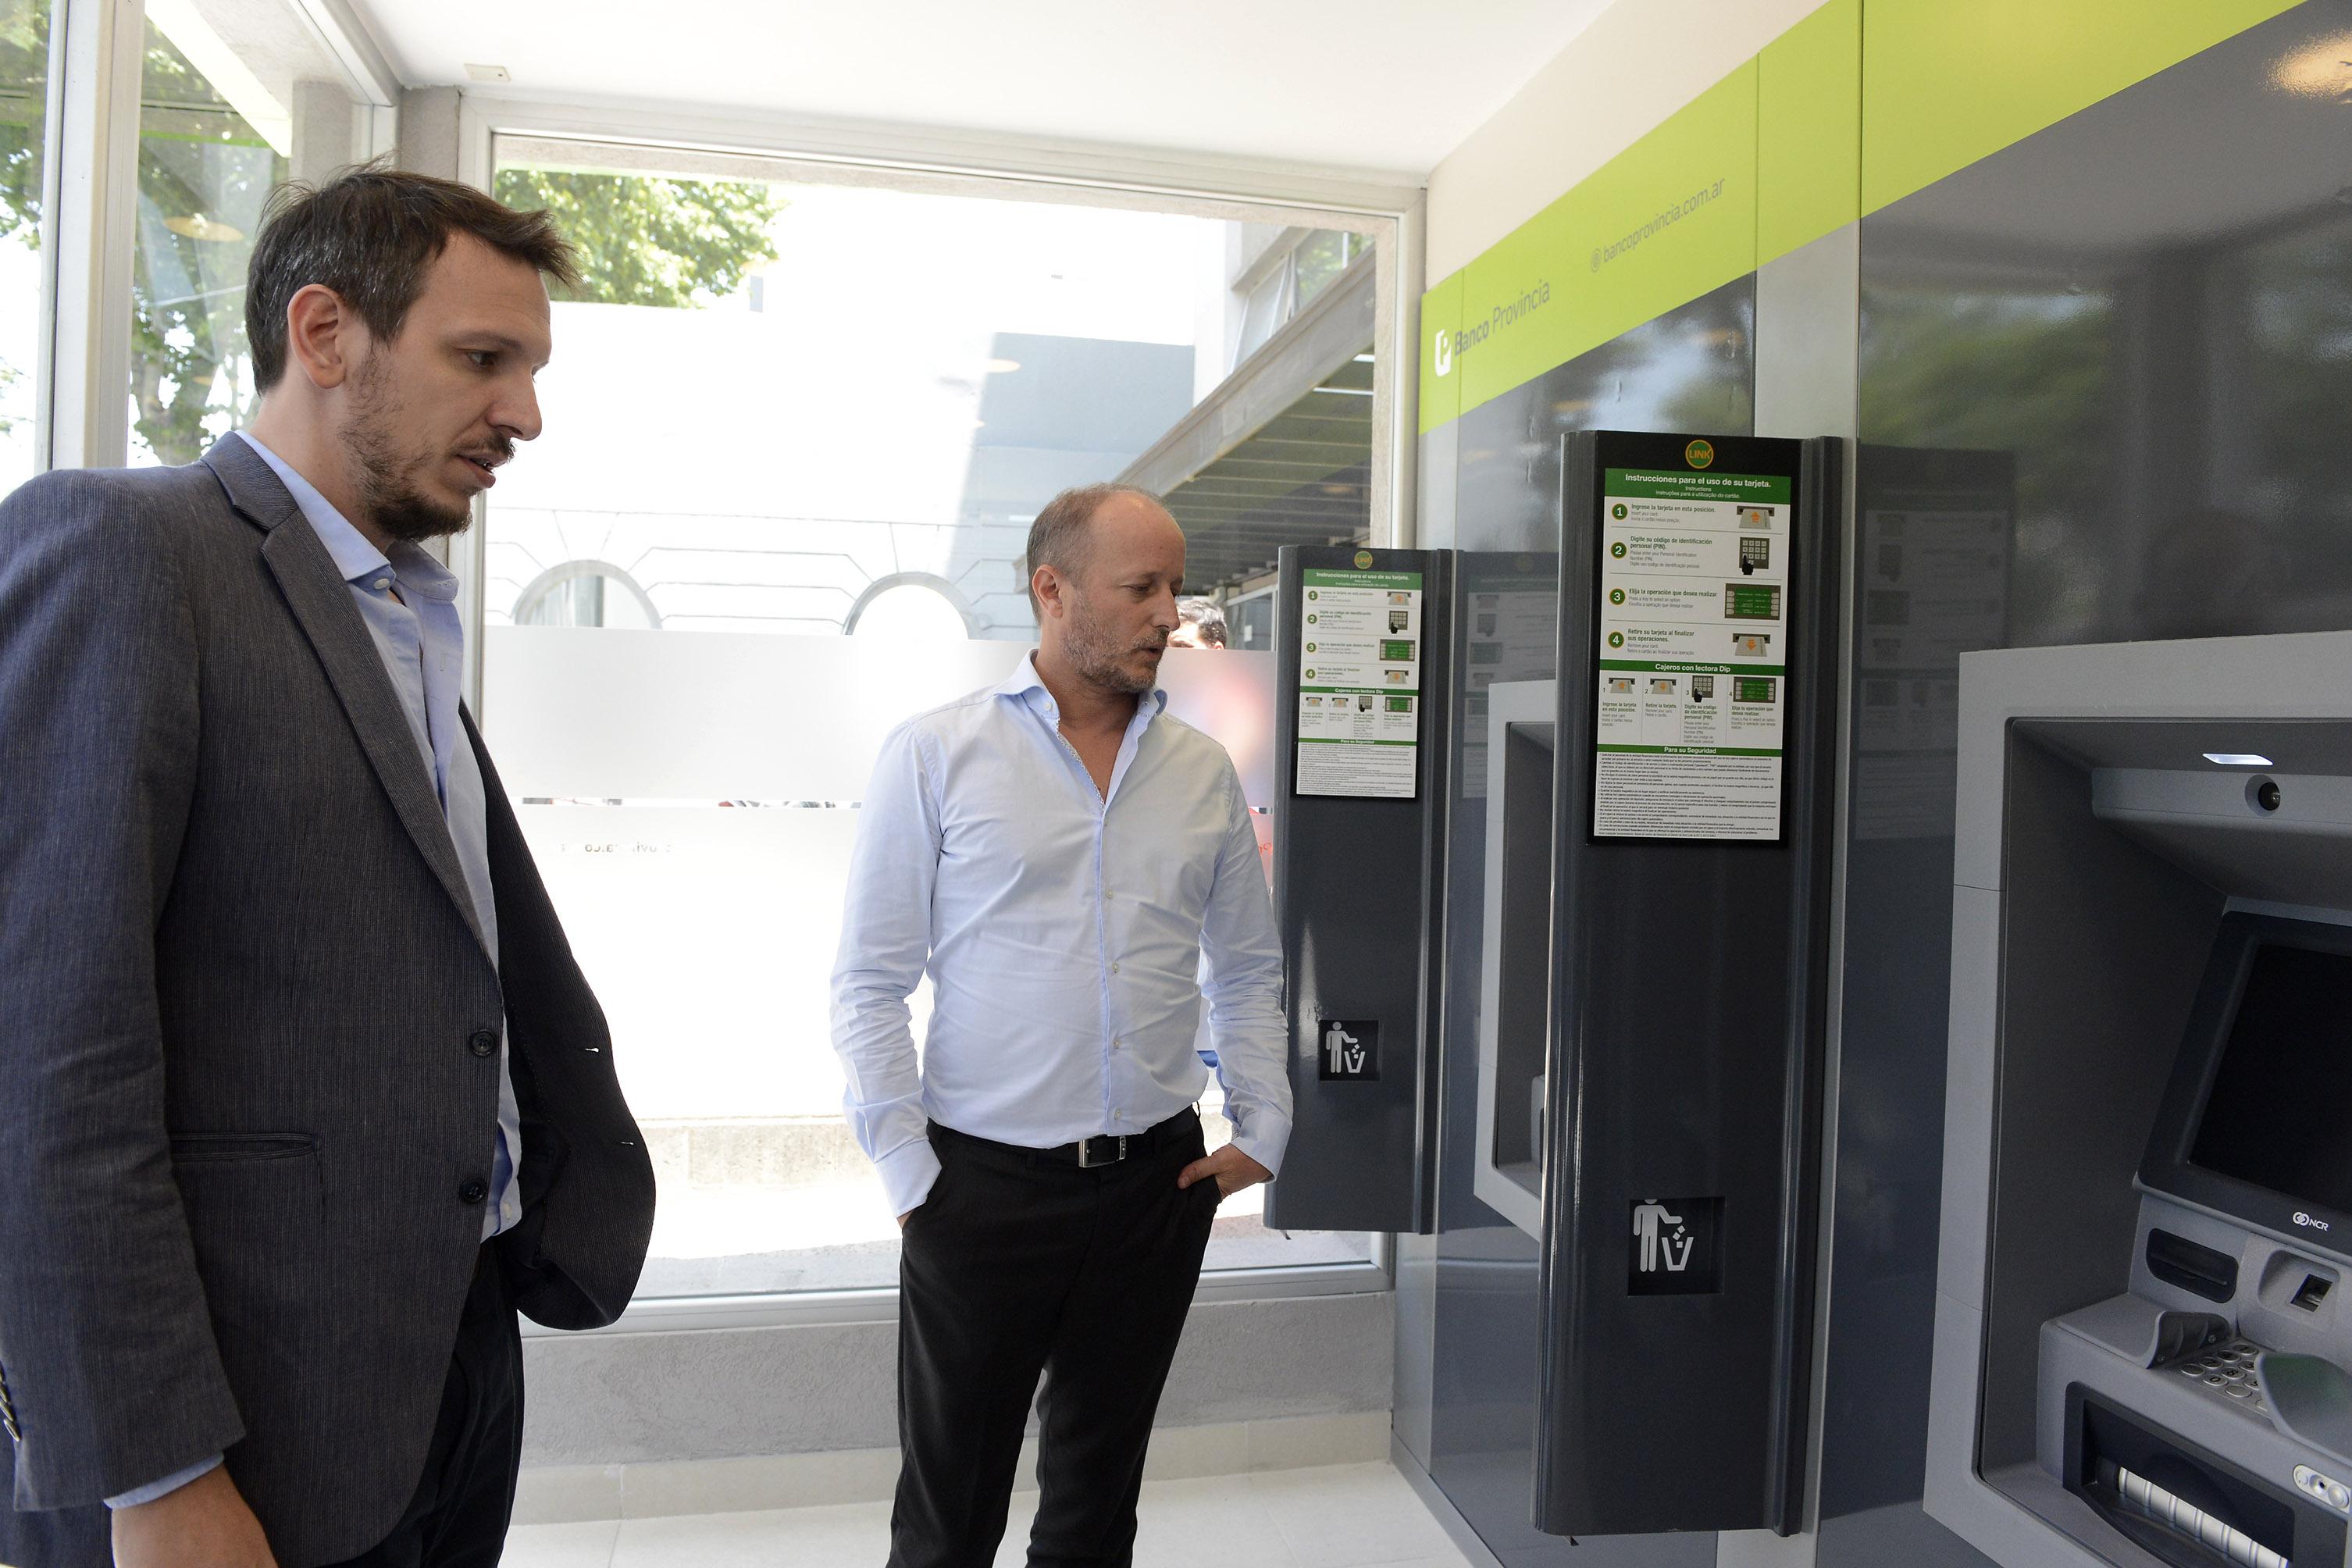 EL BANCO PROVINCIA INAUGURÓ 3 NUEVOS CAJEROS AUTOMÁTICOS EN LOMAS DE ZAMORA.